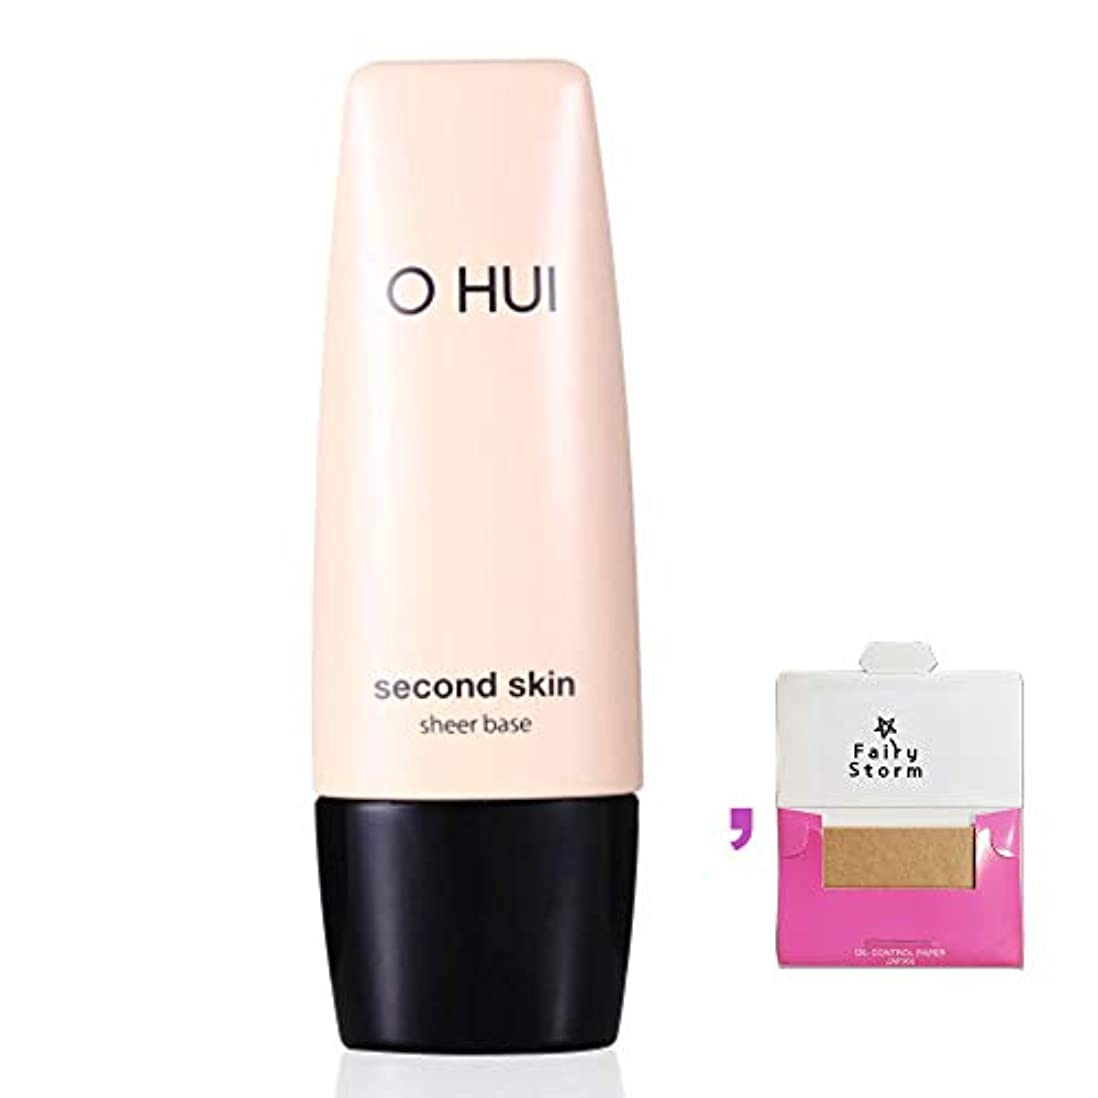 代表する拮抗ラベ[オフィ/O HUI]韓国化粧品 LG生活健康/OHUI OMB01 SECOND SKIN SHEER BASE 40ml/ オフィ セカンドスキン シアーベース +[Sample Gift](海外直送品)